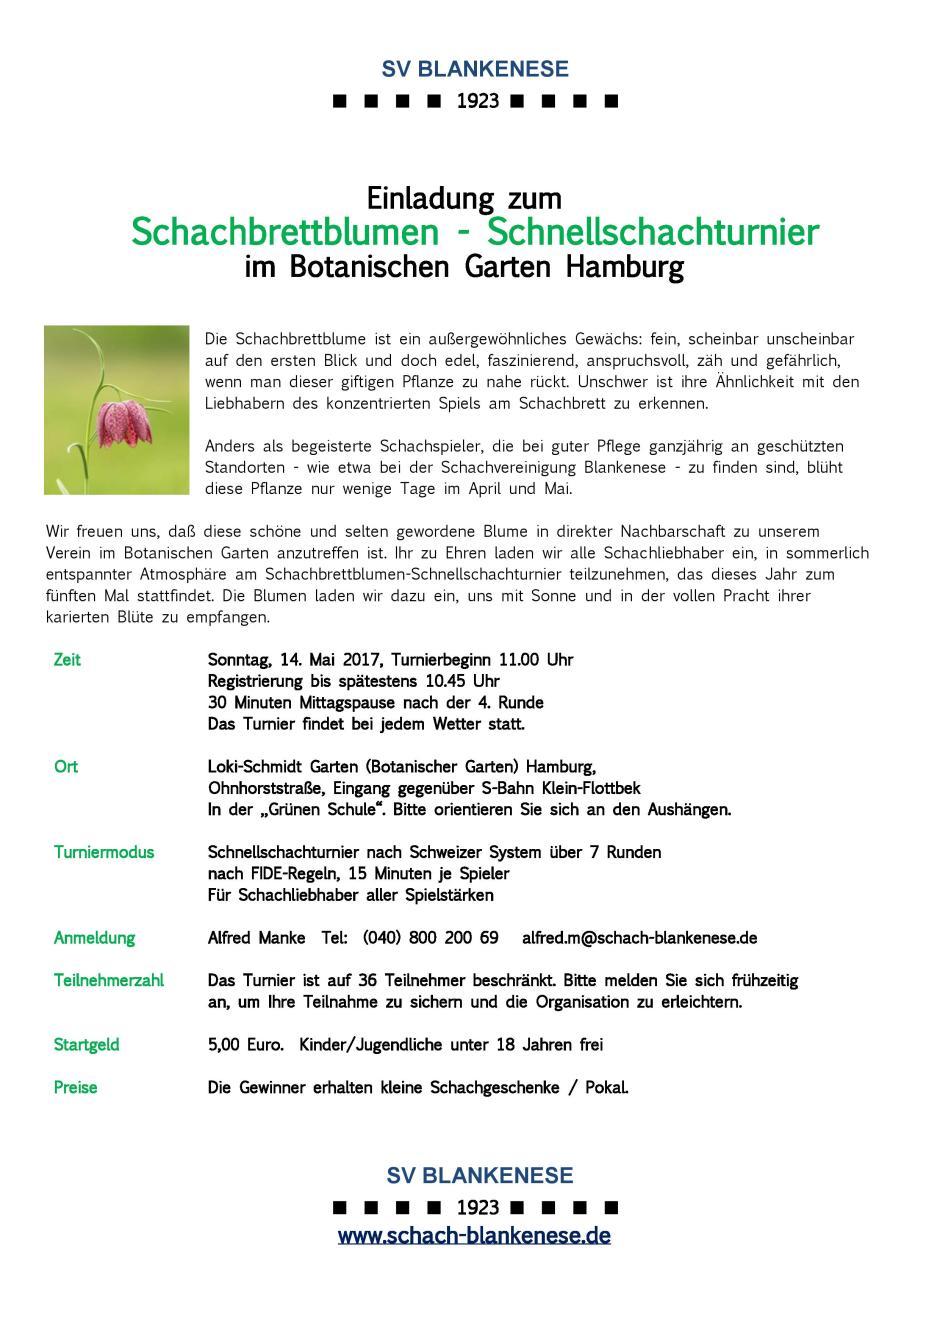 Einladung Schachbrettblumenturnier2017-page-001